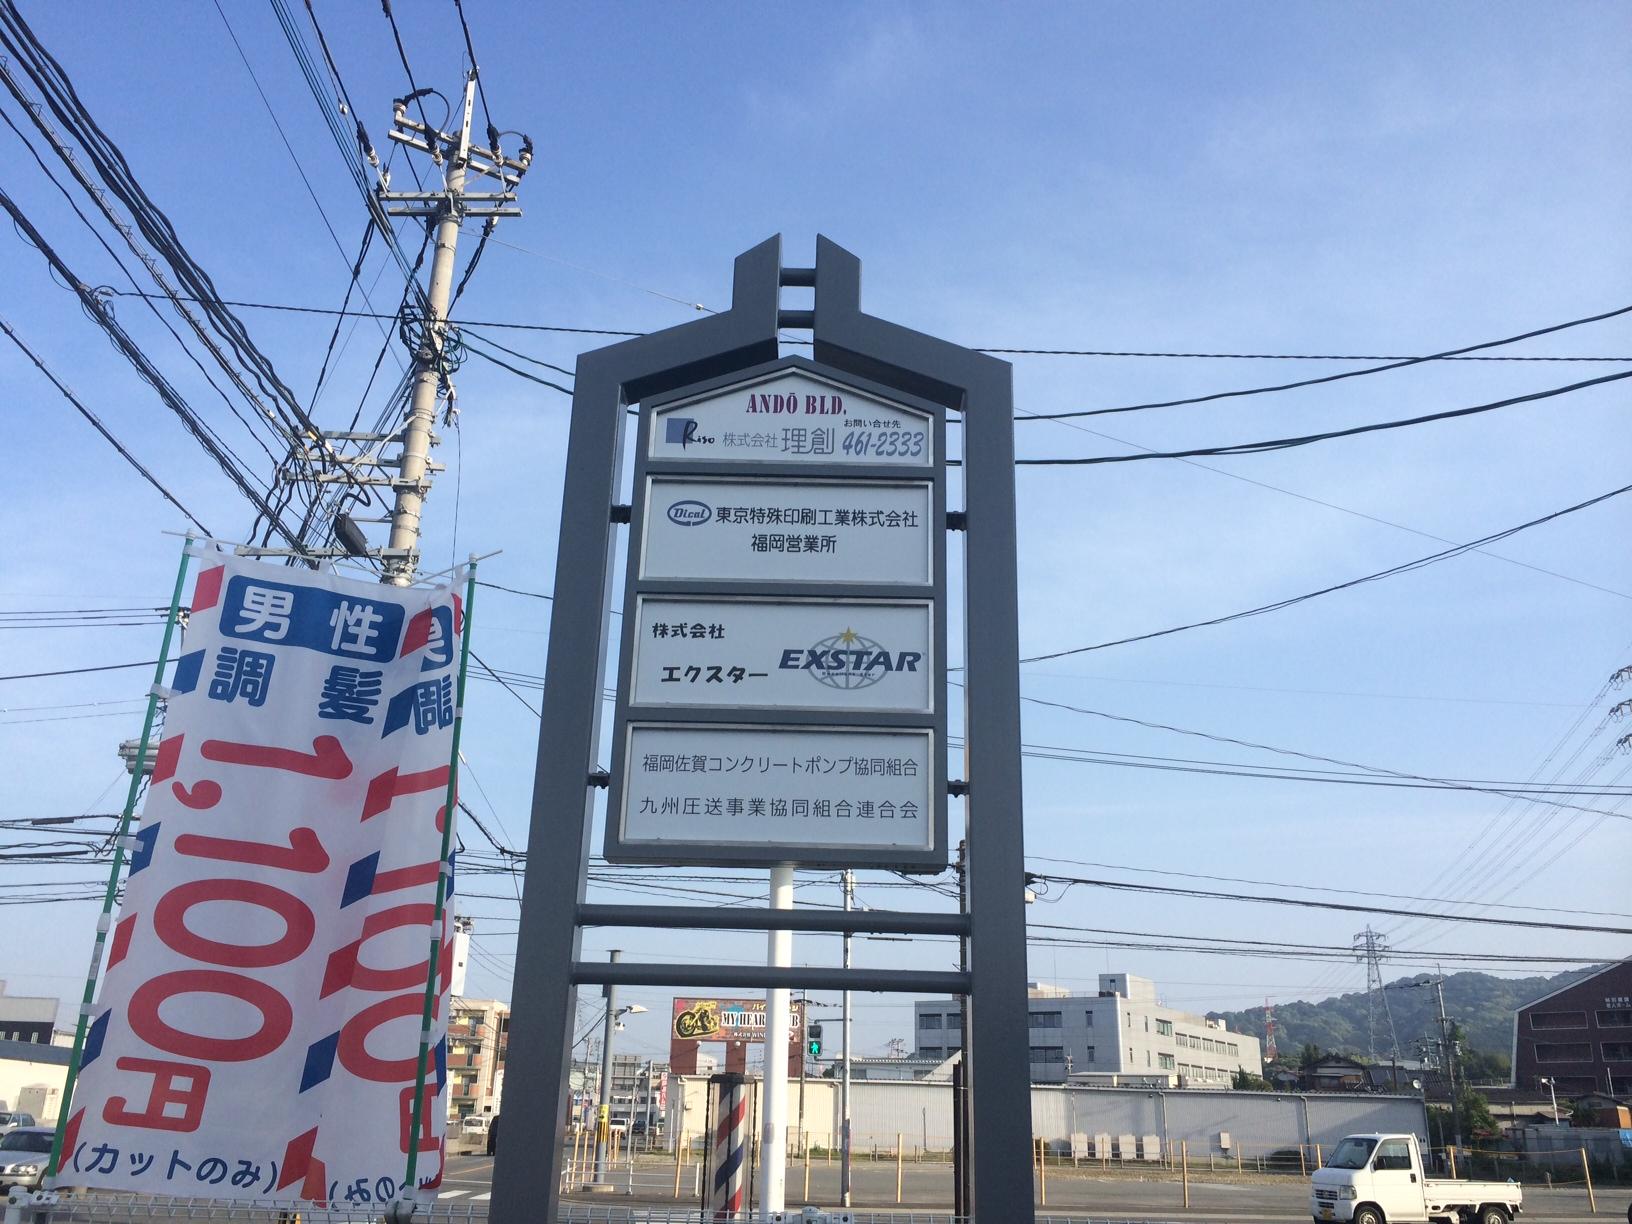 大野城市 安藤ビル 看板取替え工事 完了   福岡県筑紫野市と ...